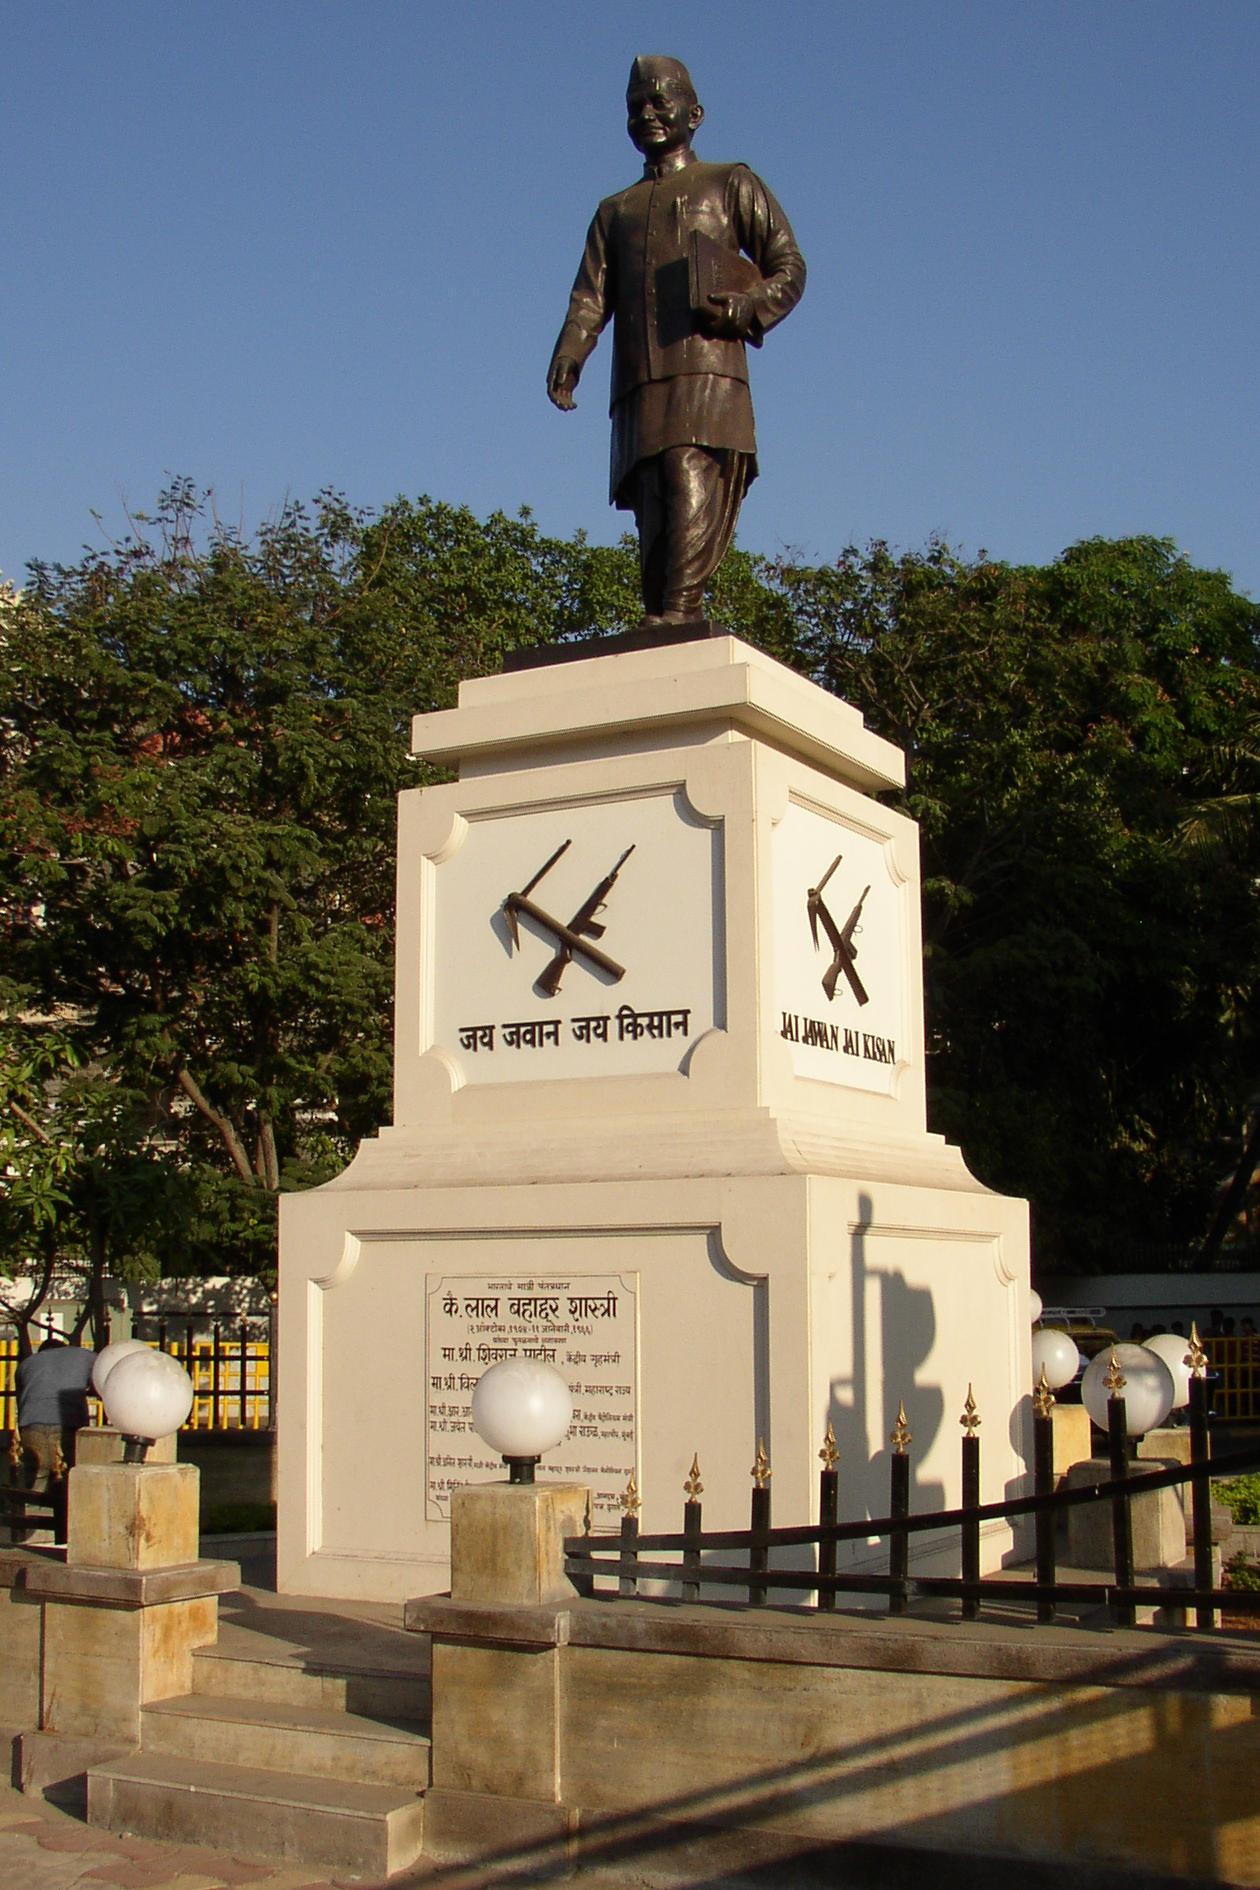 Statue of Shastri in Mumbai